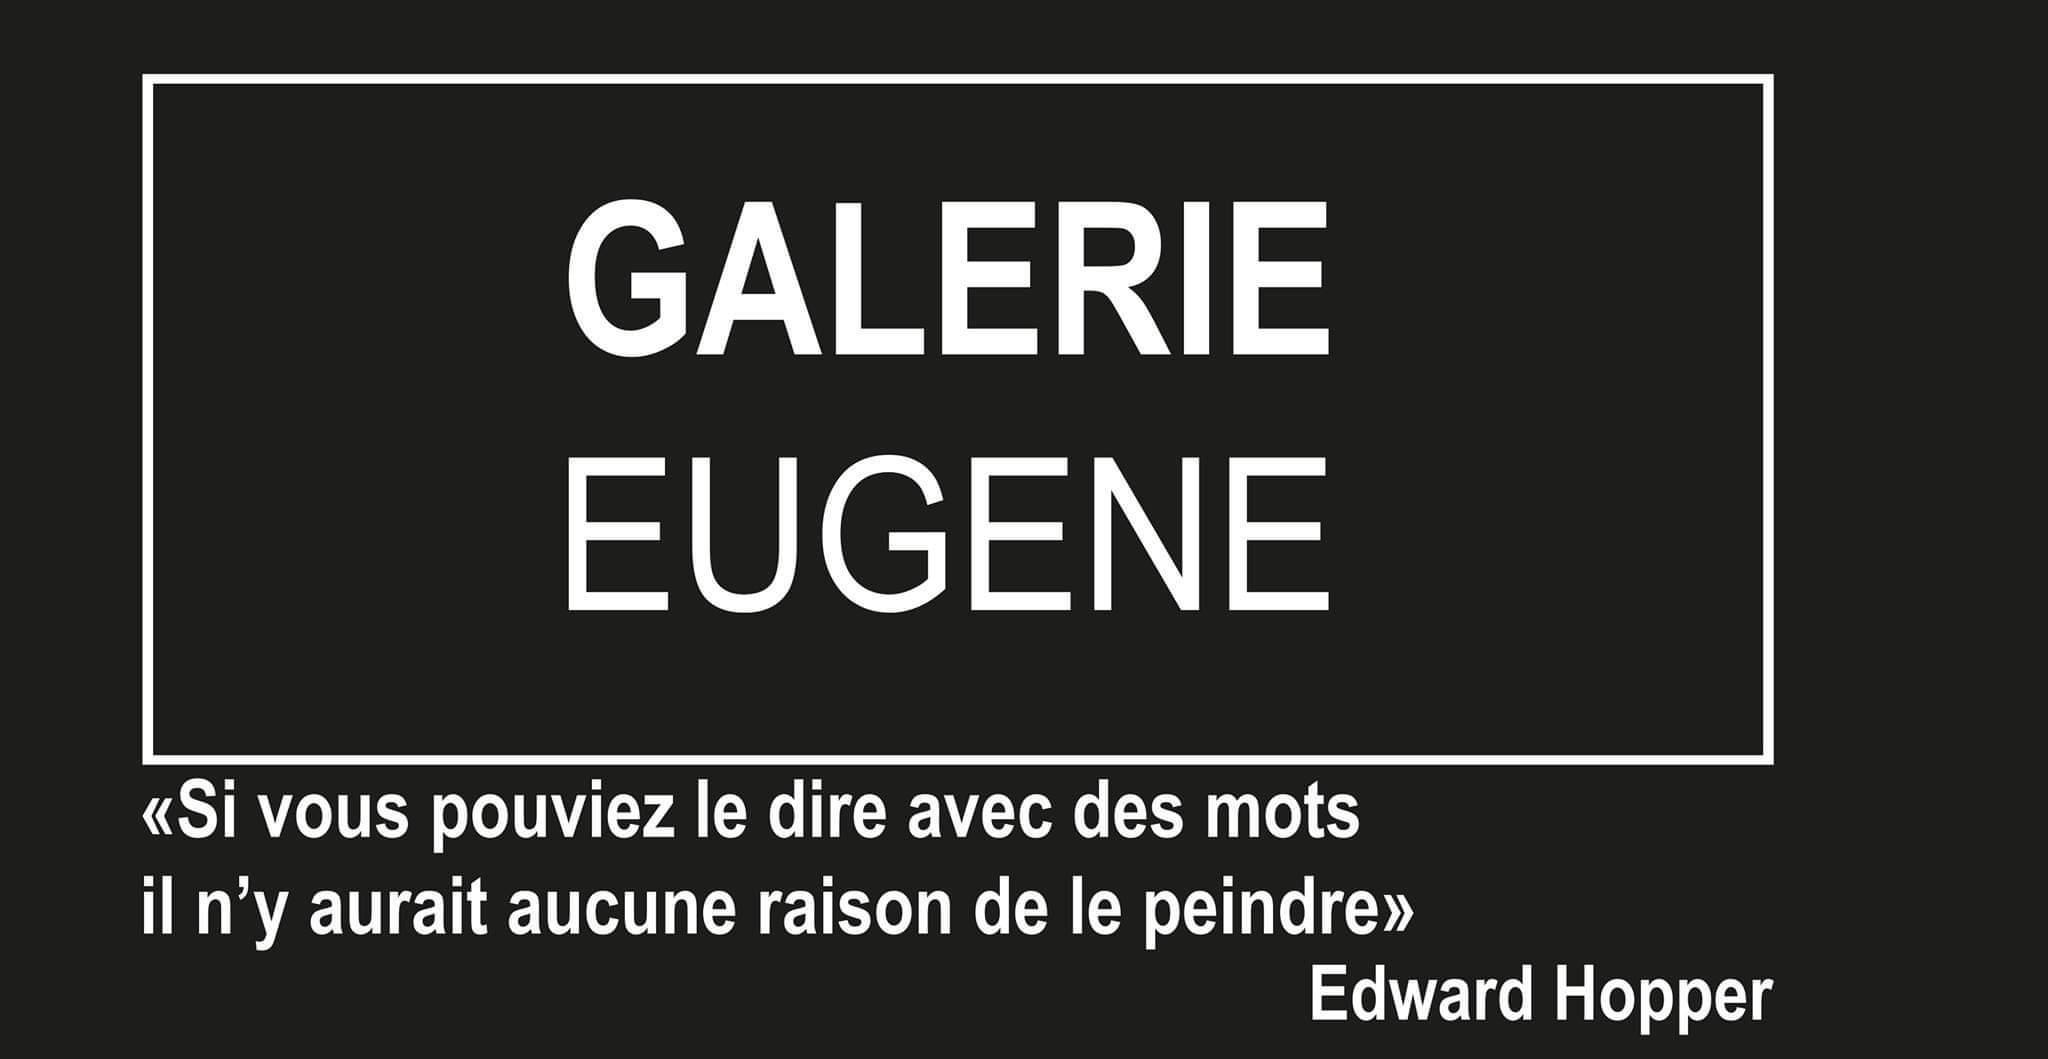 Galerie Eugène